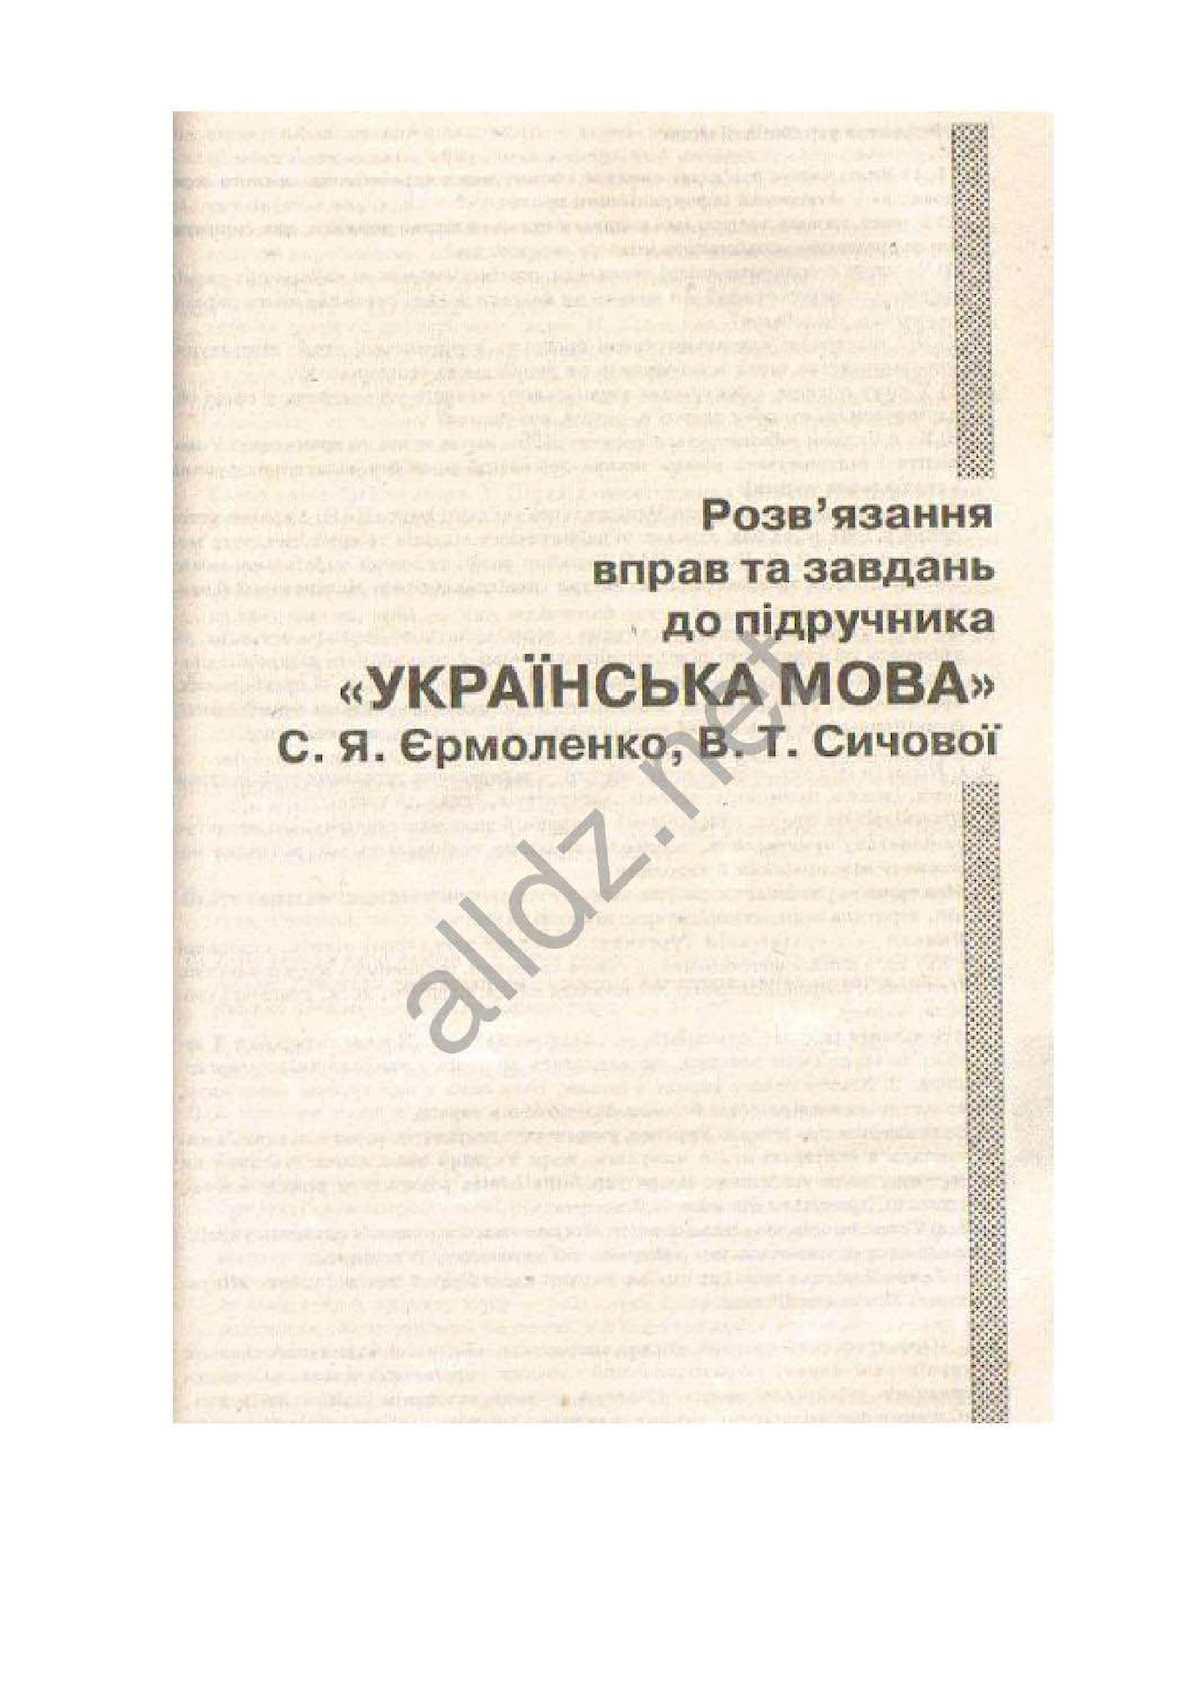 ГДЗ Українська мова 9 клас, С. Я. Єрмоленко, В. Т. Сичова 9 клас.